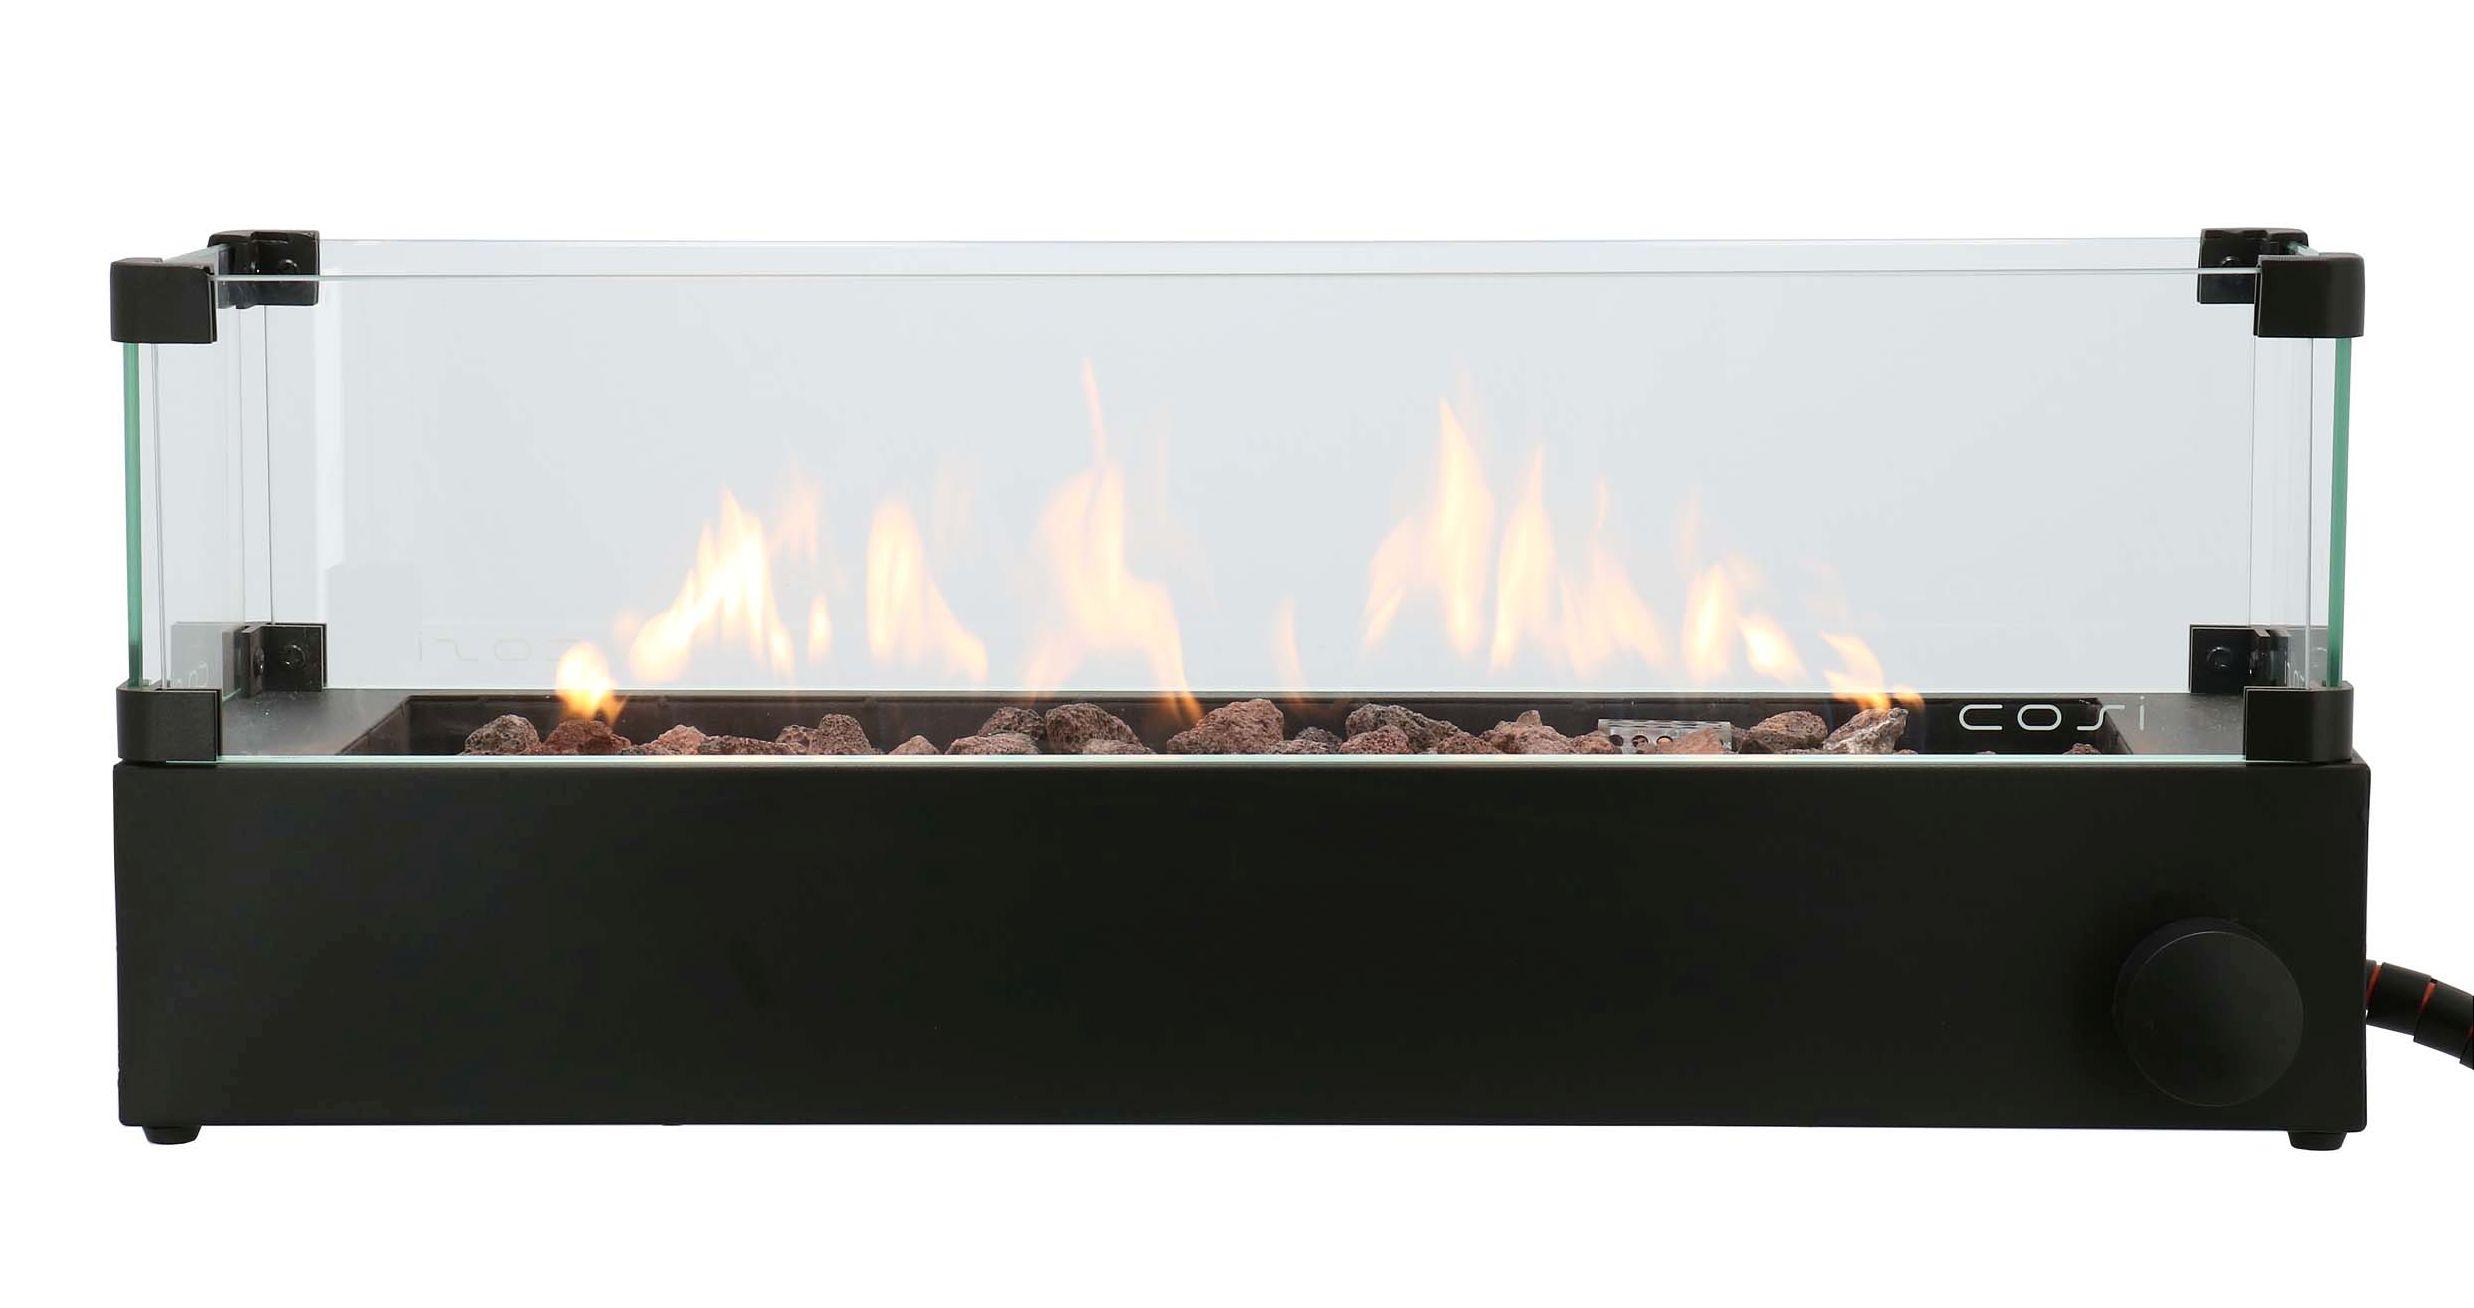 Cosi Fires vuurtafels en gaslantaarns Cosi Fires opzetbrander Cosiburner, build up incl. glasset, afm. 70 x 20 cm, hoogte 27 cm, vermogen 9kW